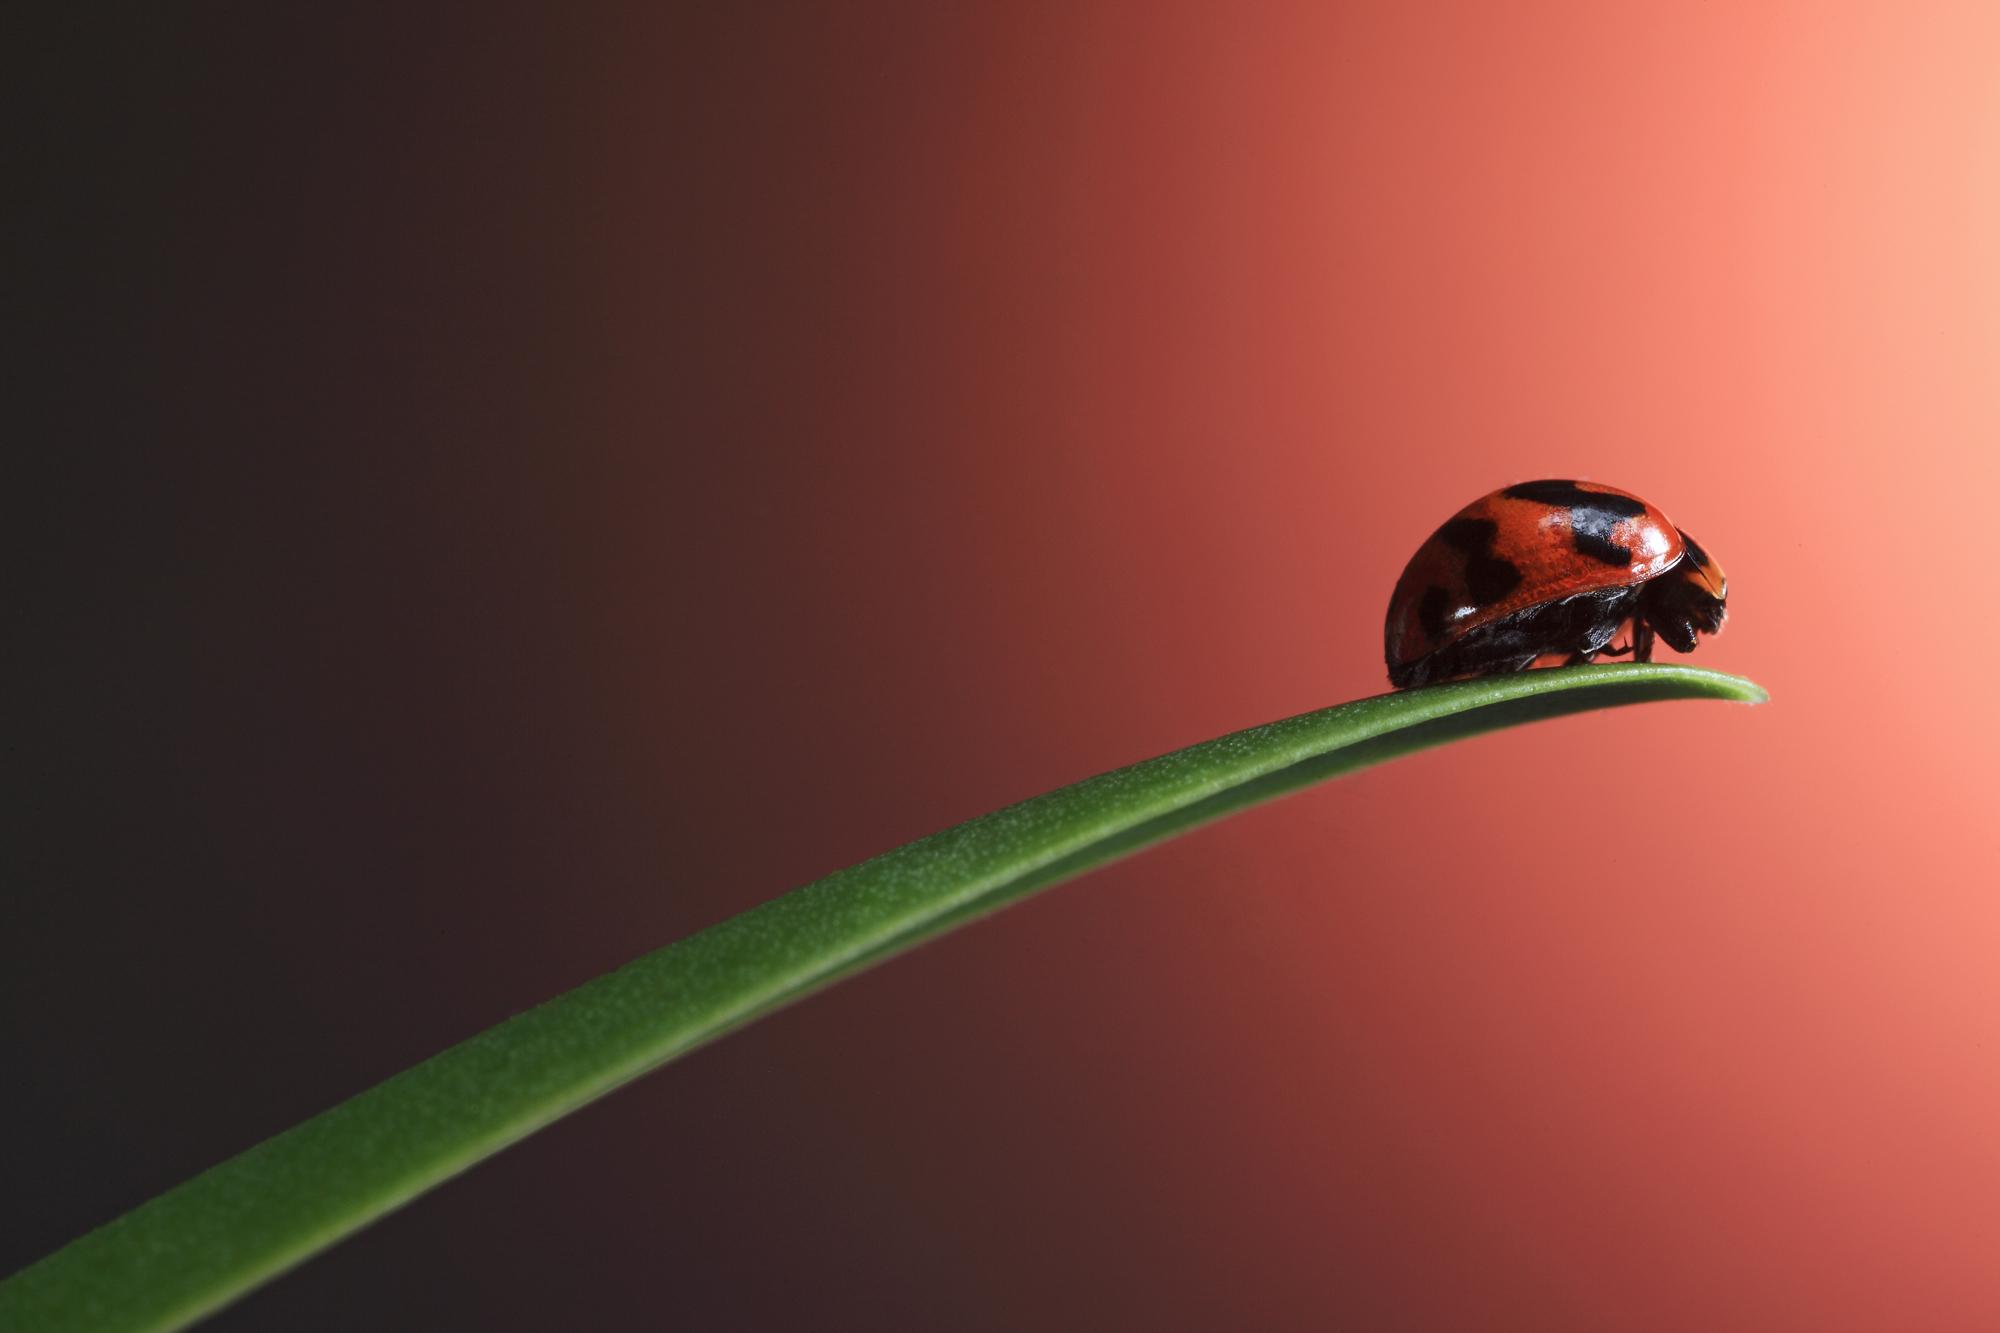 The Bug.jpg